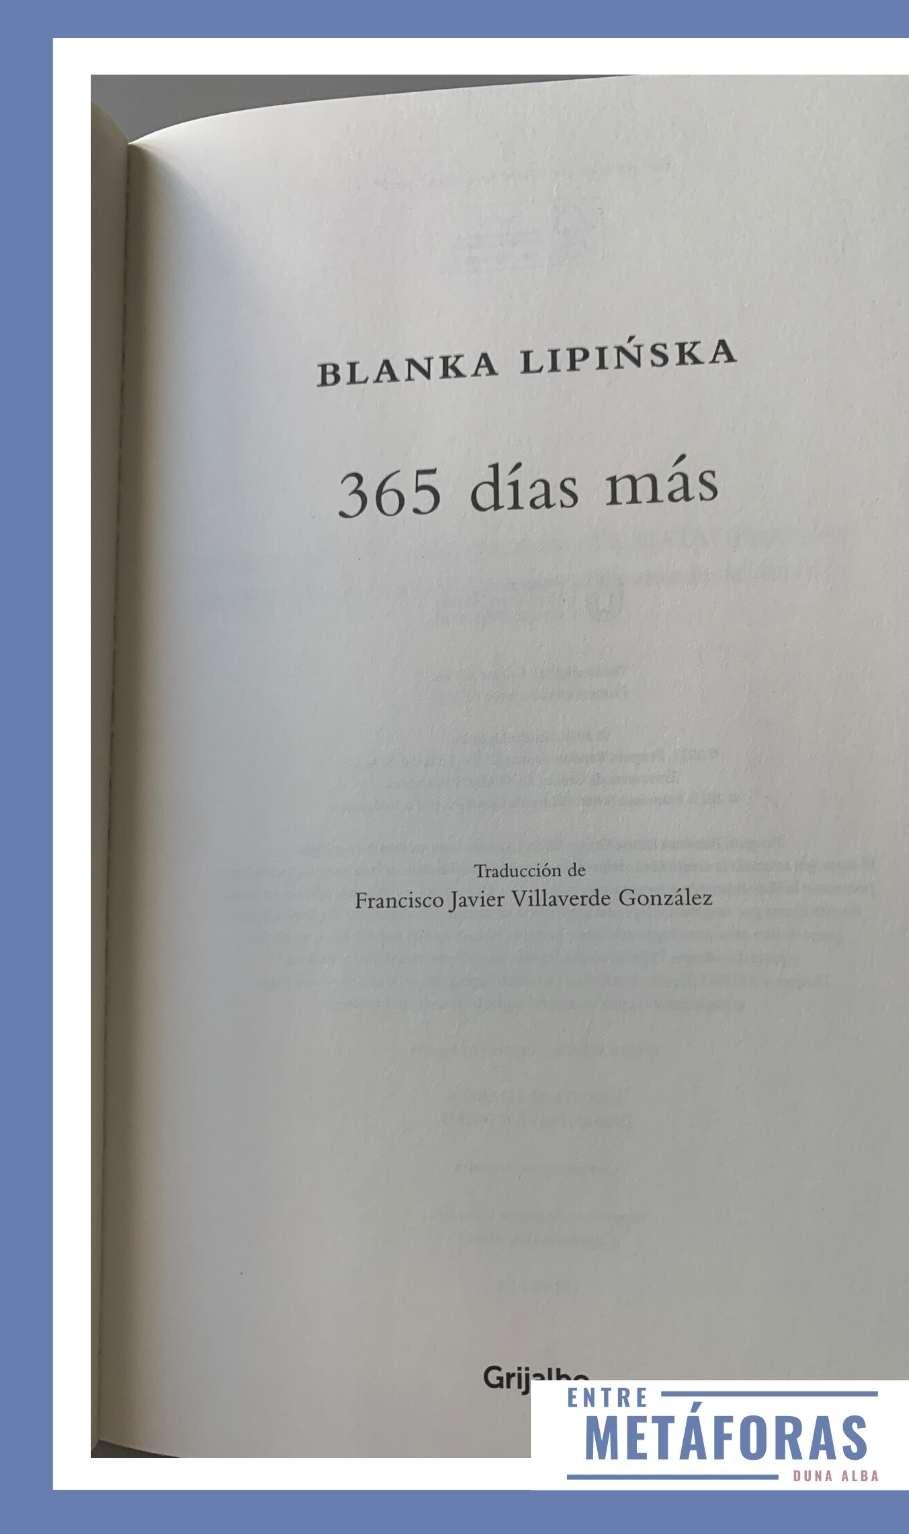 365 días más, de Blanka Lipinska